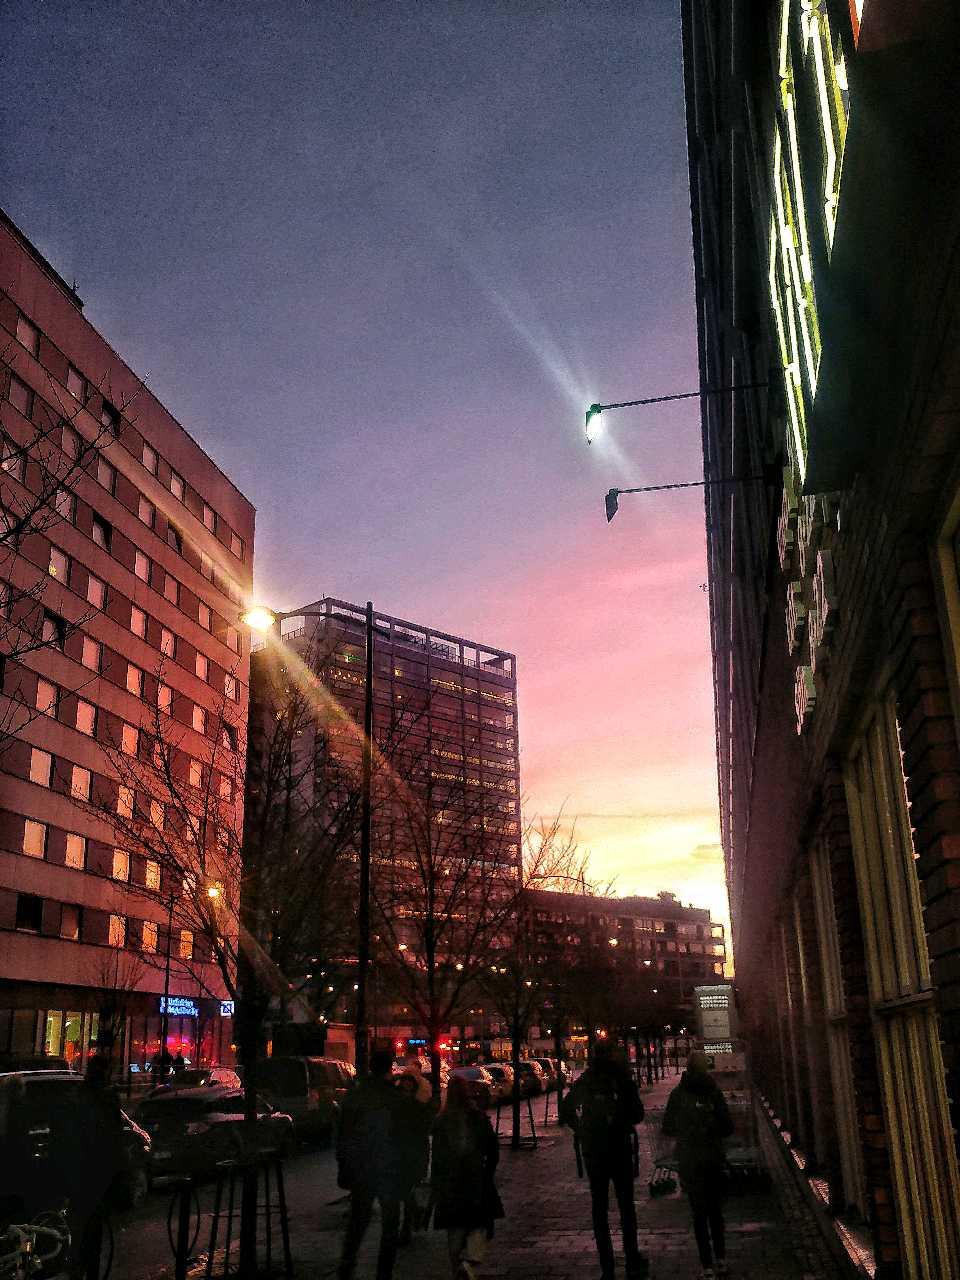 Downtown. Esplanaden; 22 dec -20. Bild ac